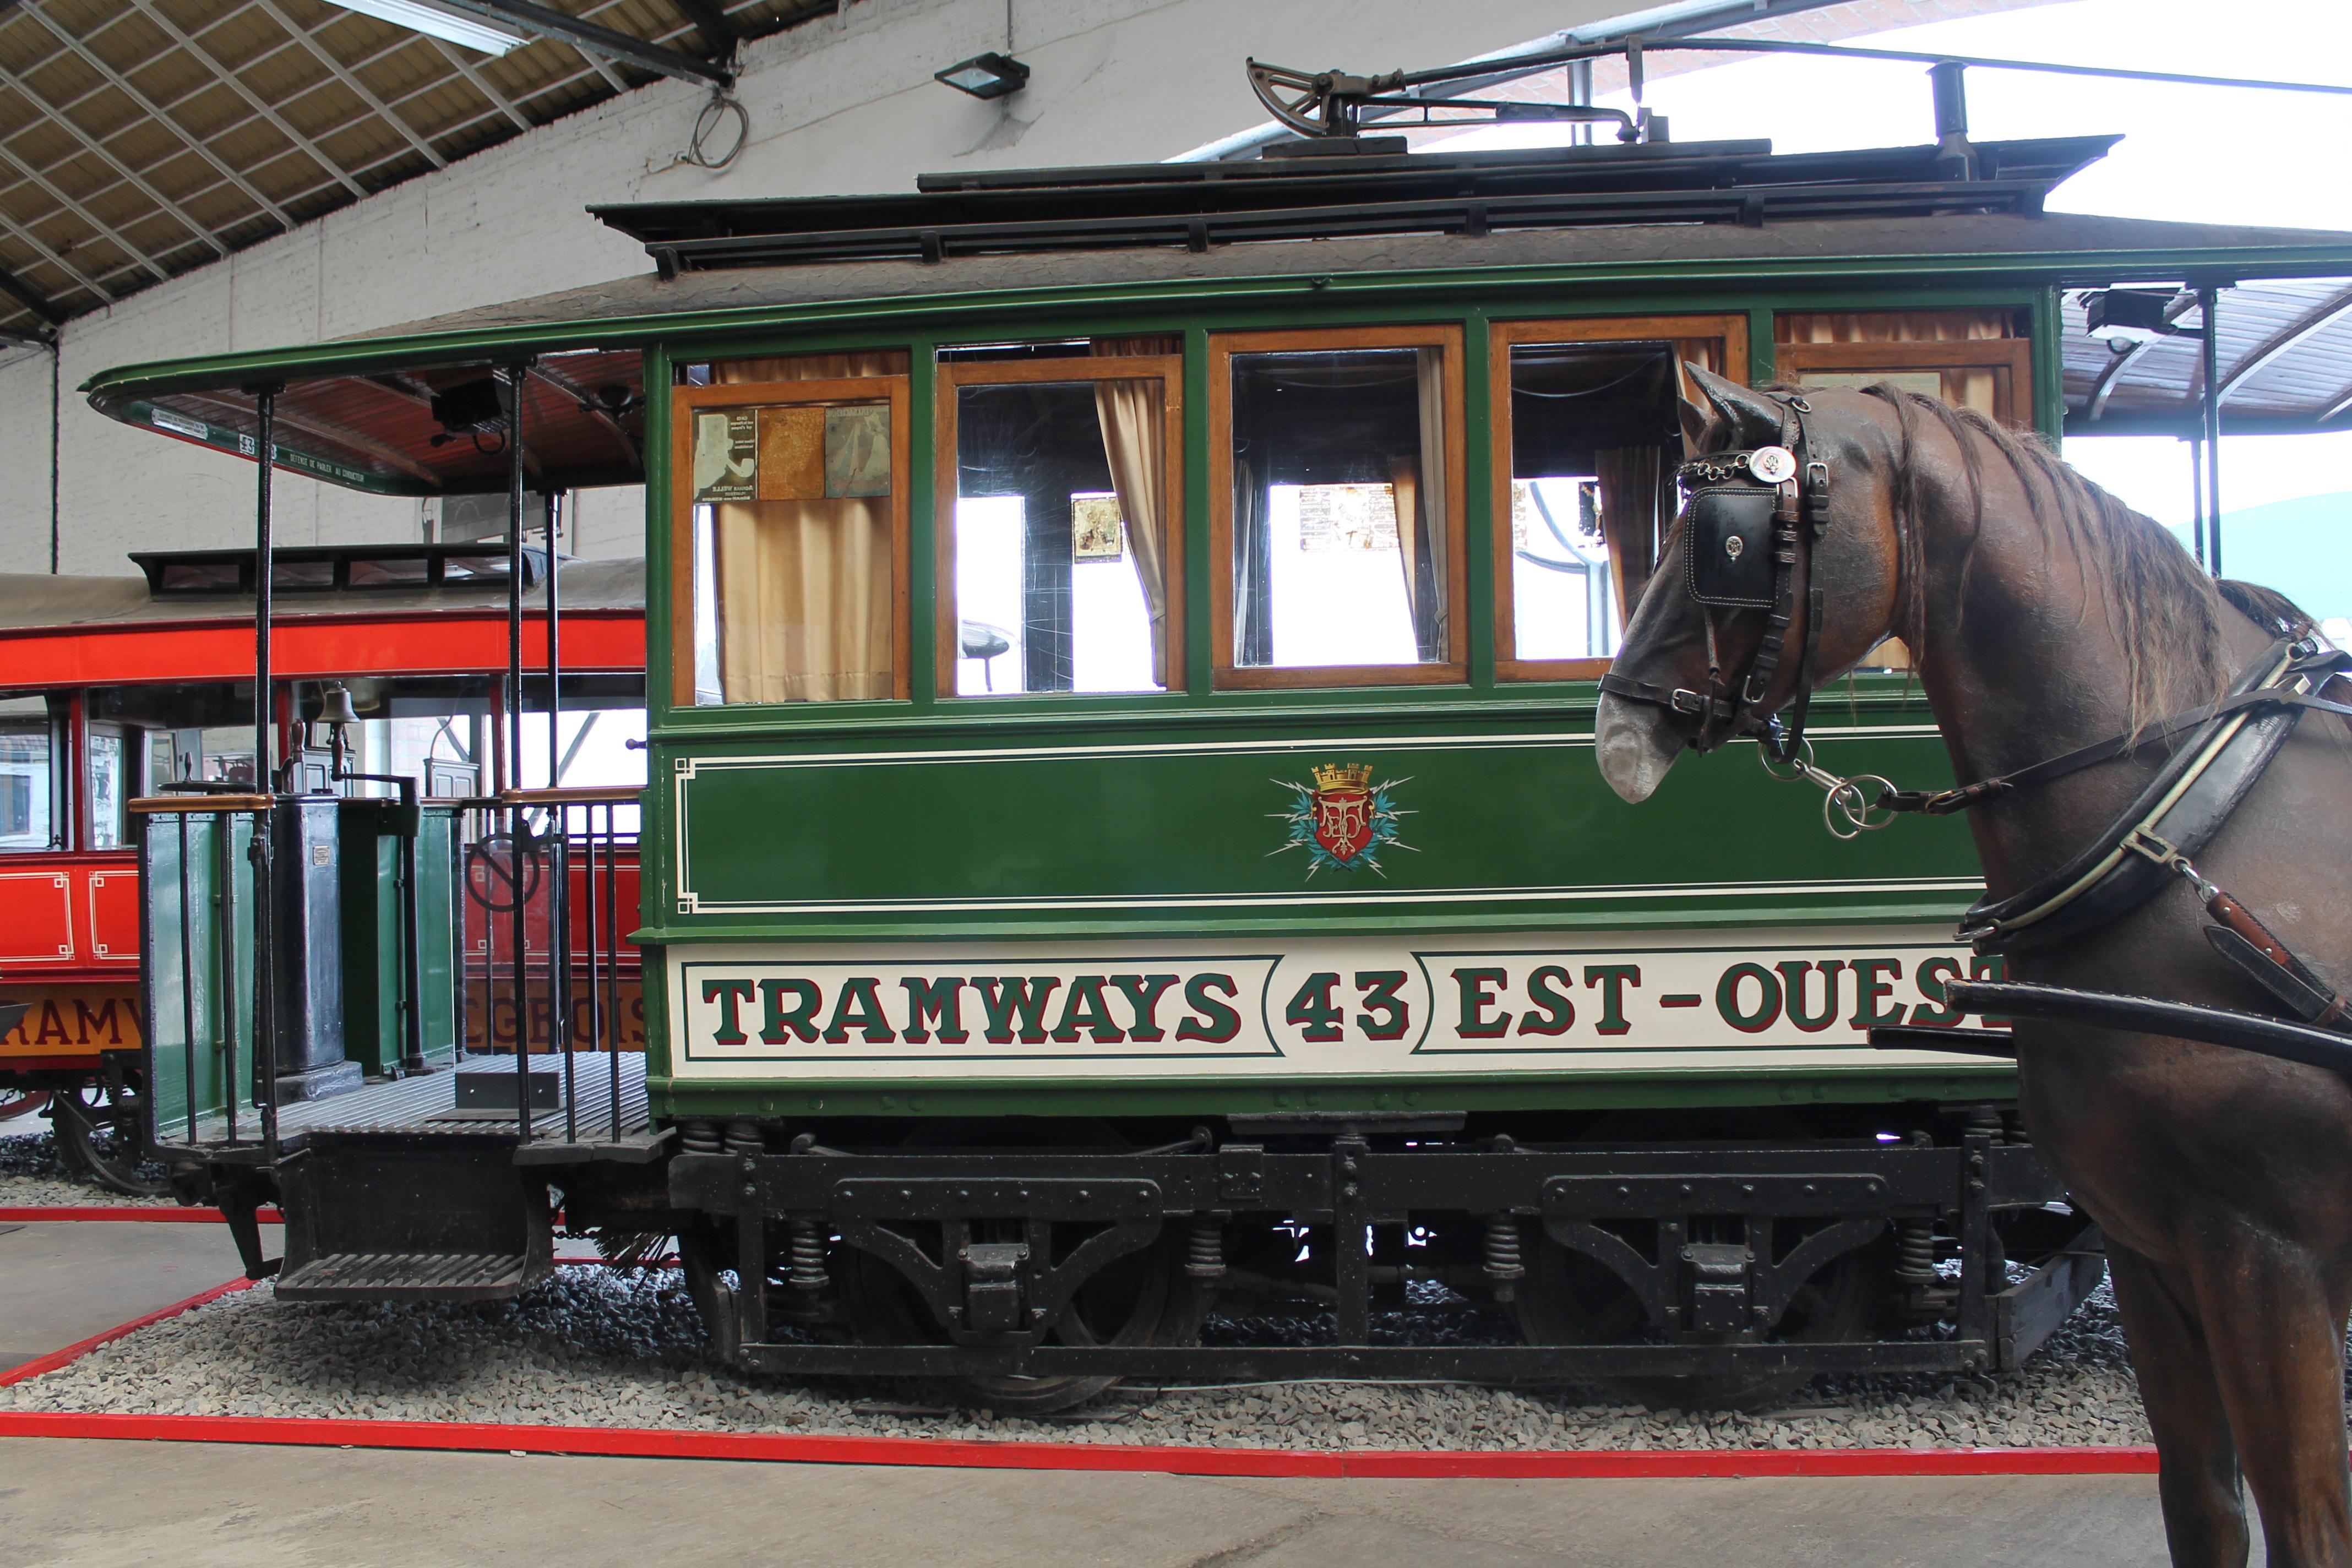 Tramways Est-Ouest - Motrice 43